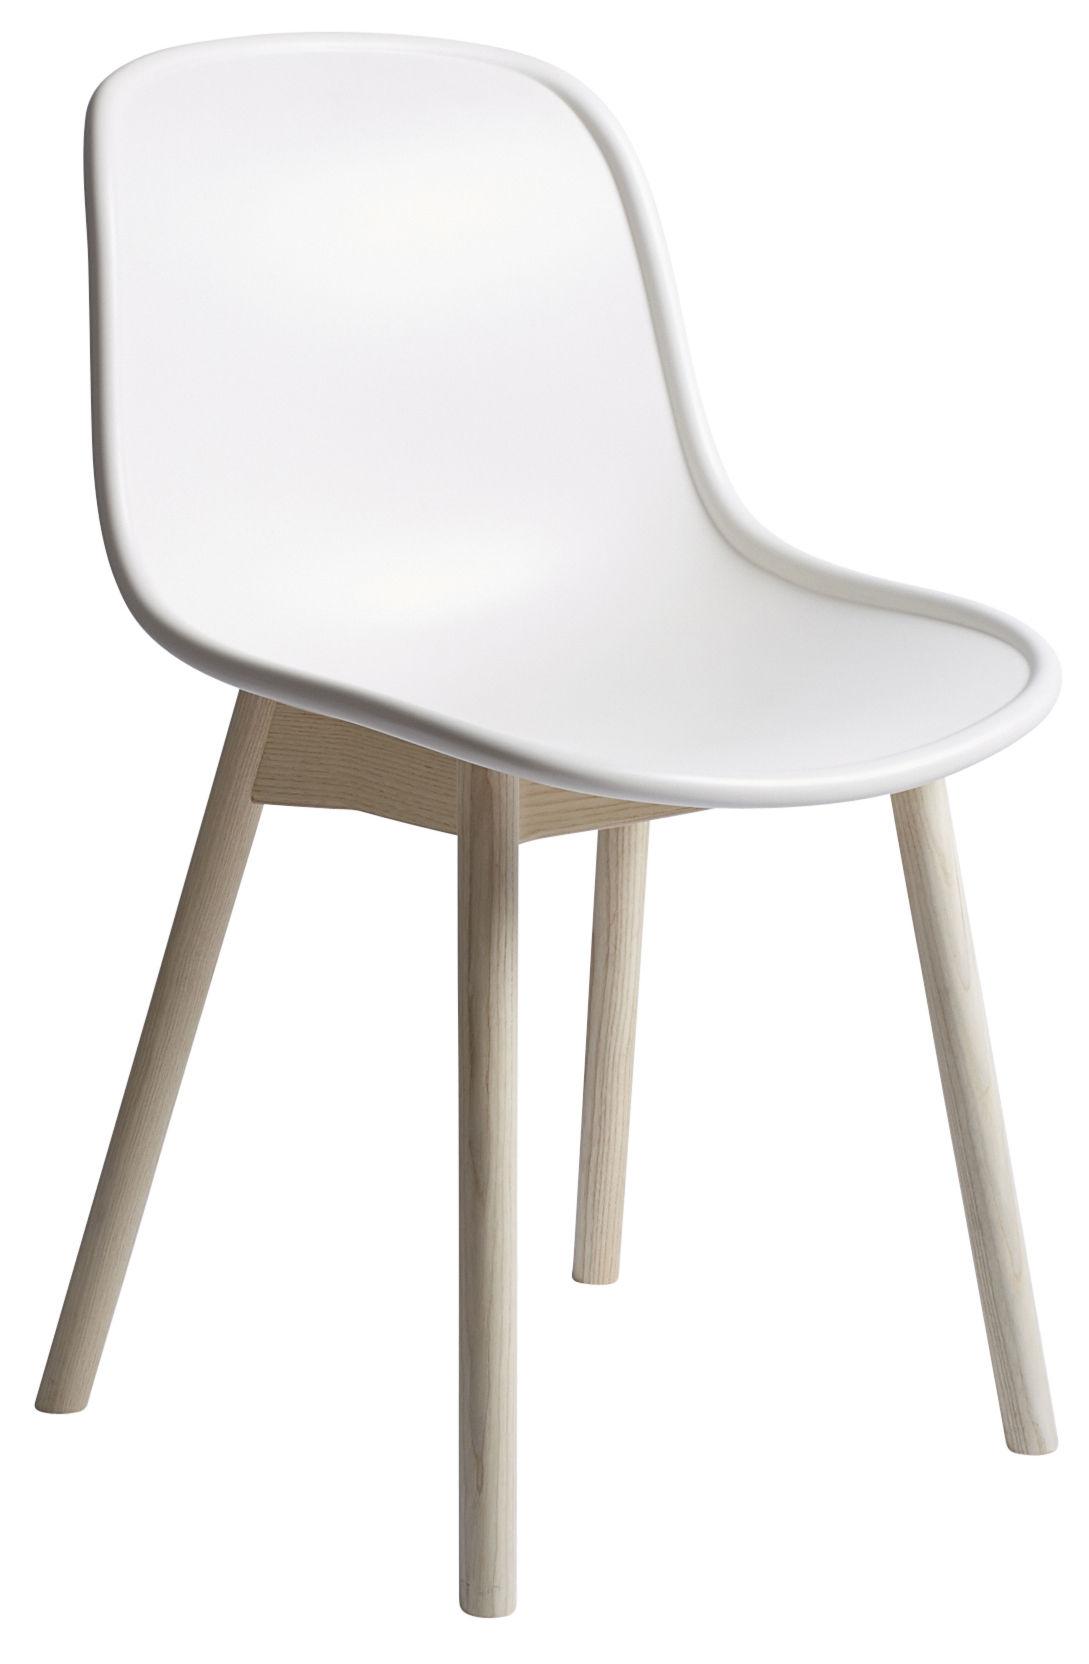 Chaise Neu Plastique Pieds Bois Blanc